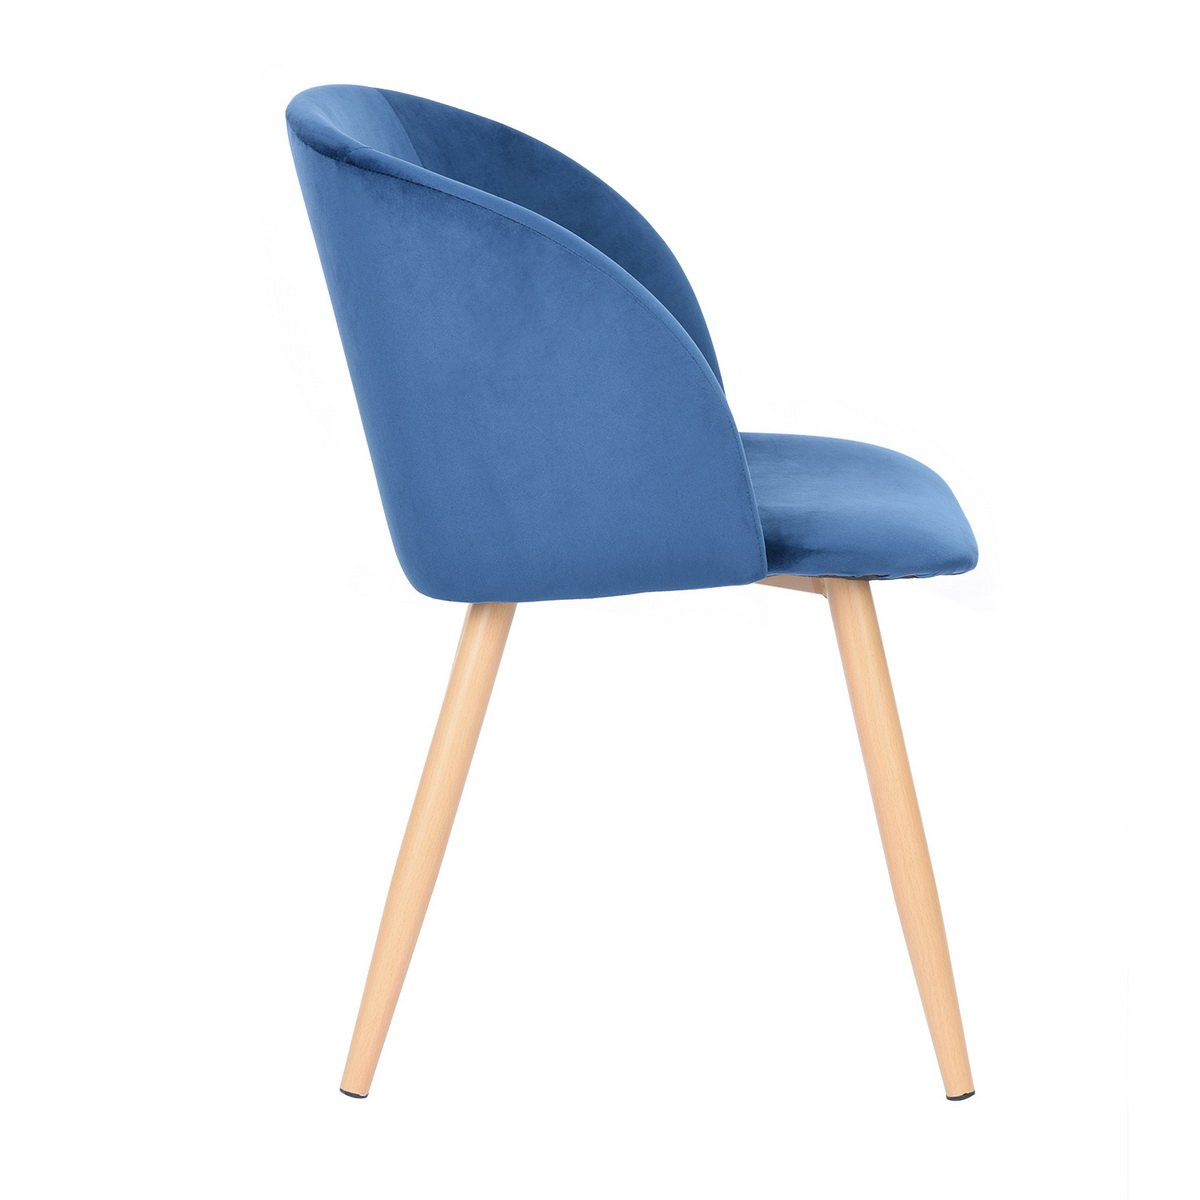 fauteuil lounge en tissu velours fauteuil rembourr pour salle manger salle ebay. Black Bedroom Furniture Sets. Home Design Ideas